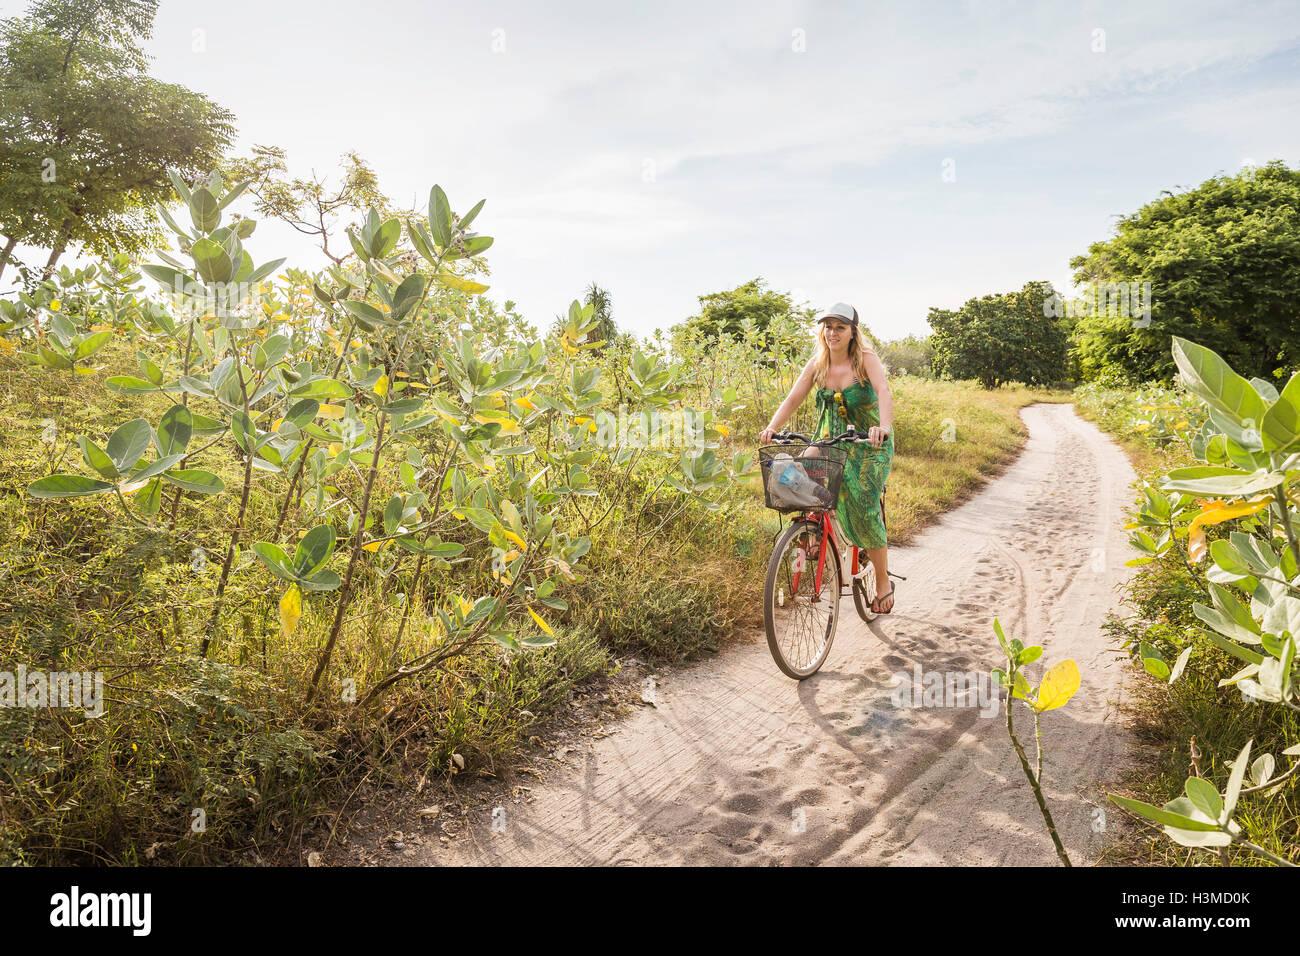 Junge Frau Radfahren auf Feldweg, Gili Meno, Lombok, Indonesien Stockbild